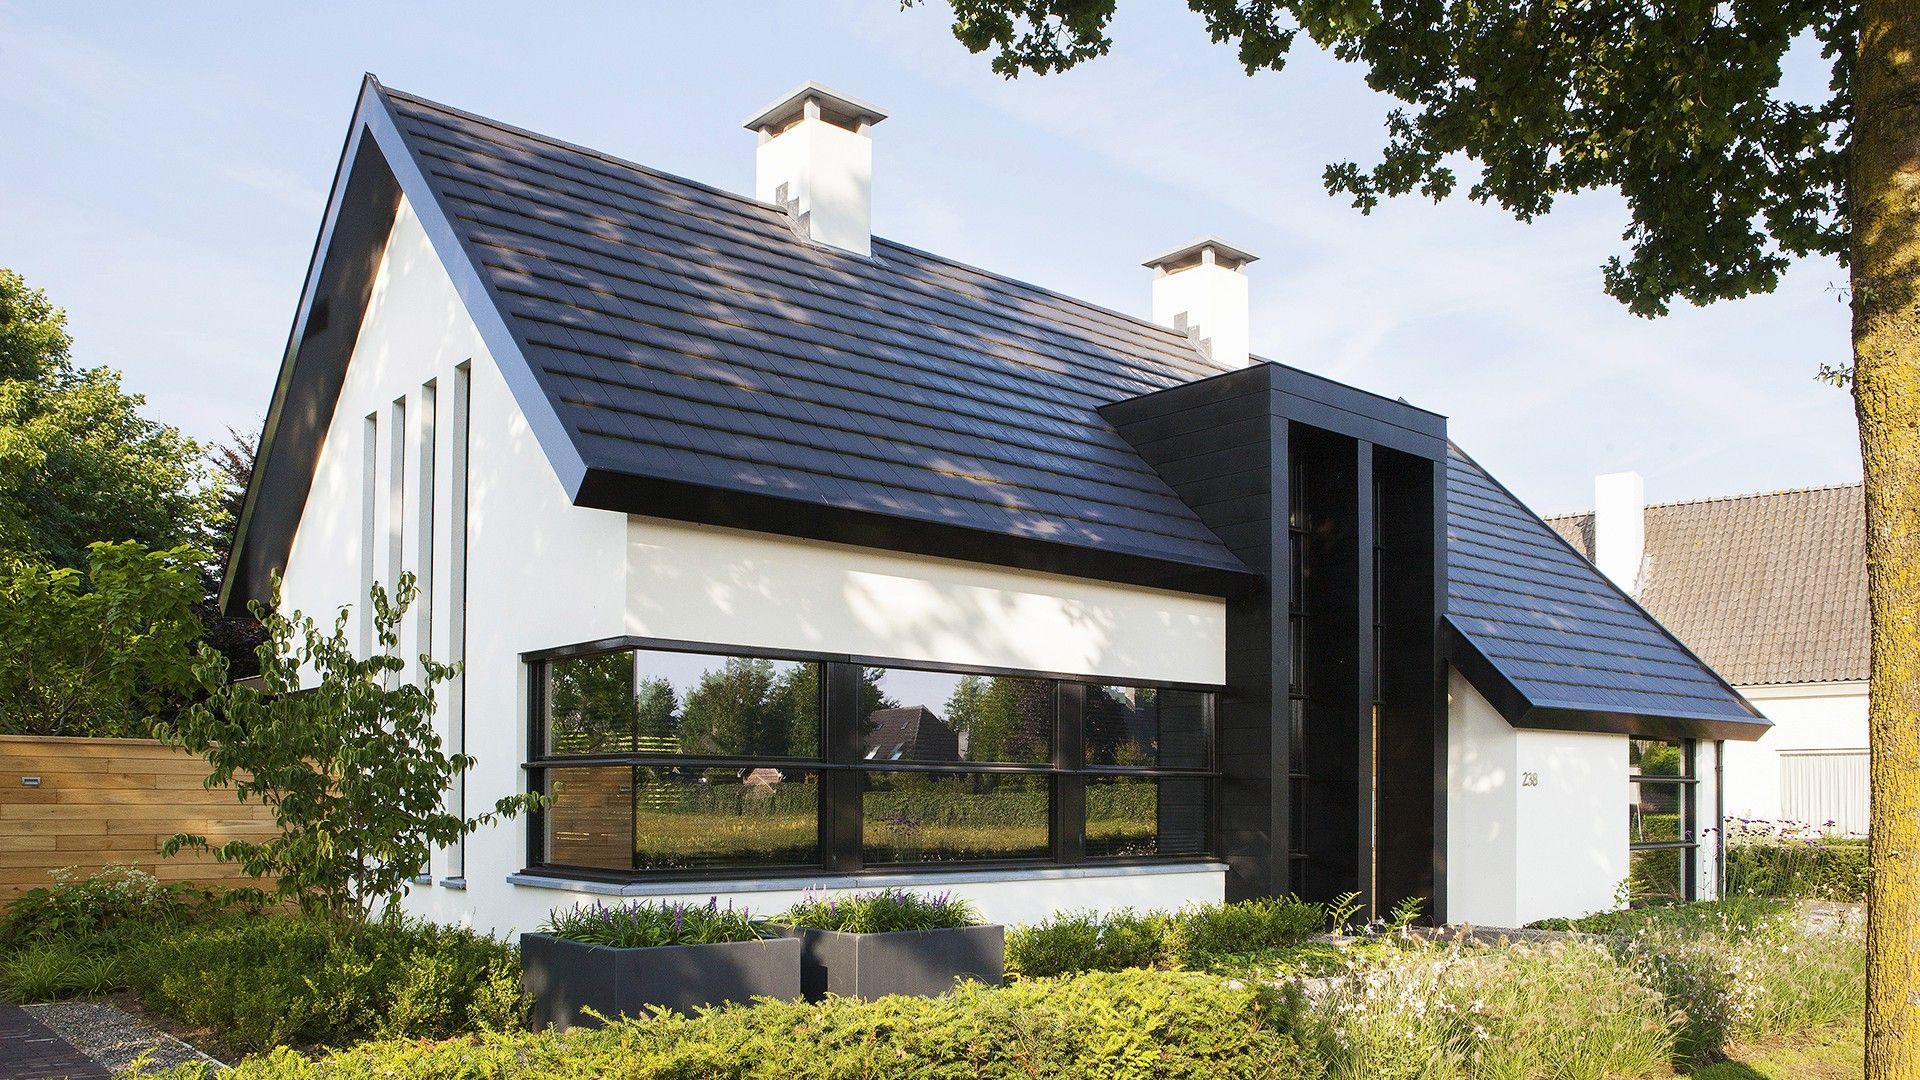 Projecten van houtum architecten erp projecten om te proberen